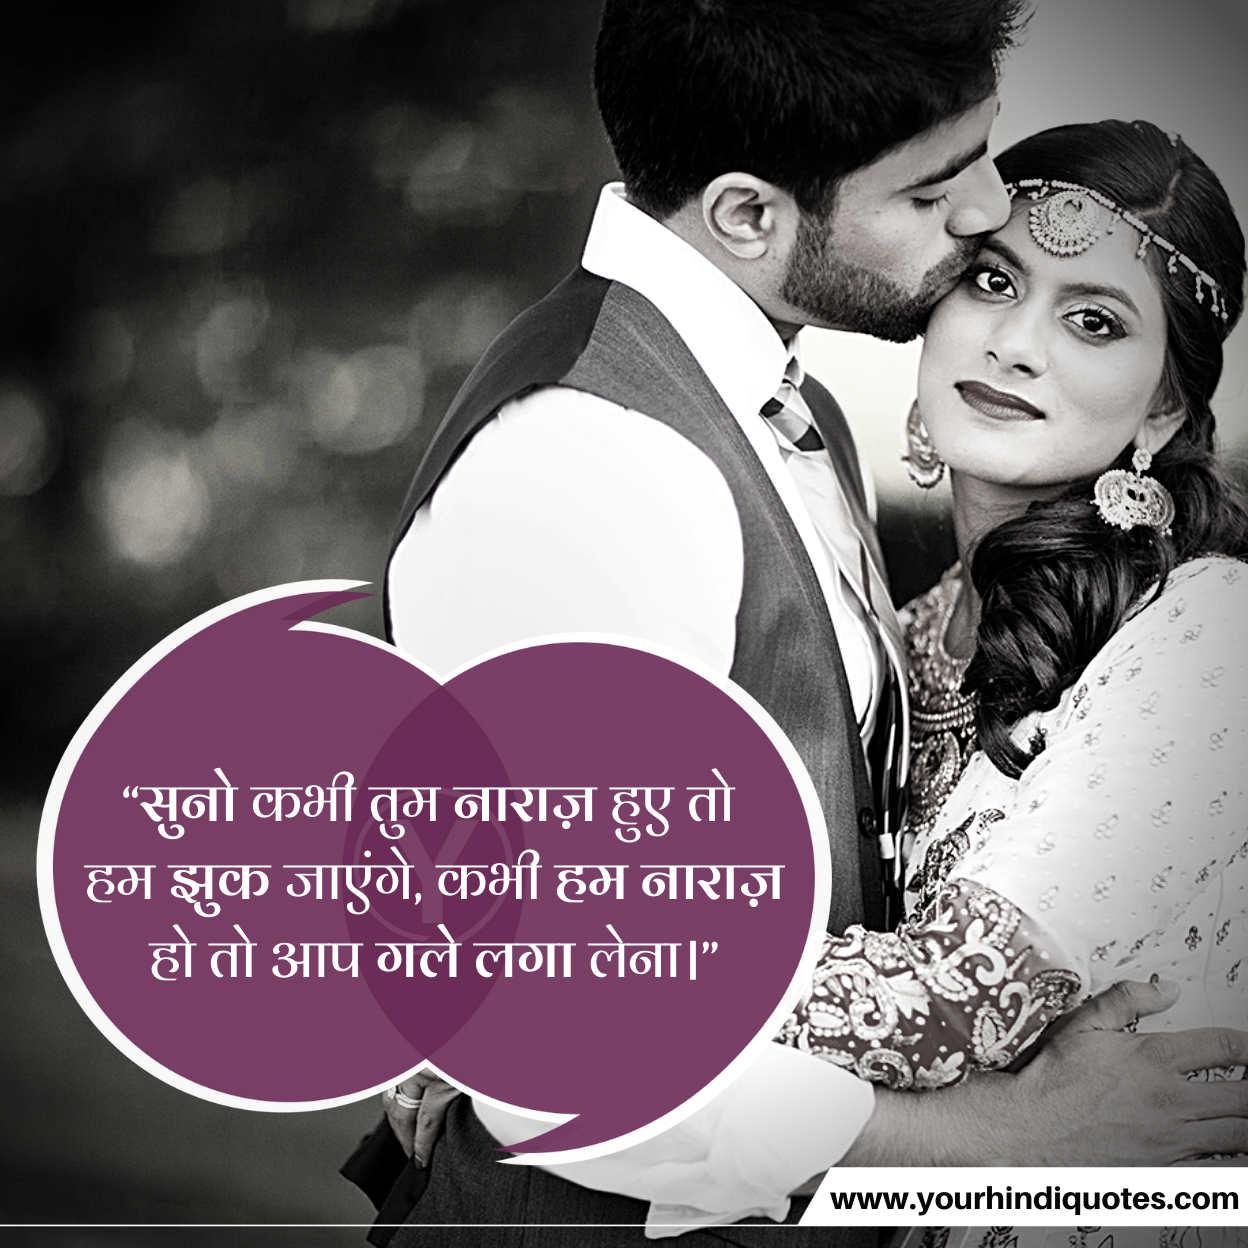 Love Hindi WhatsApp Status Pictures